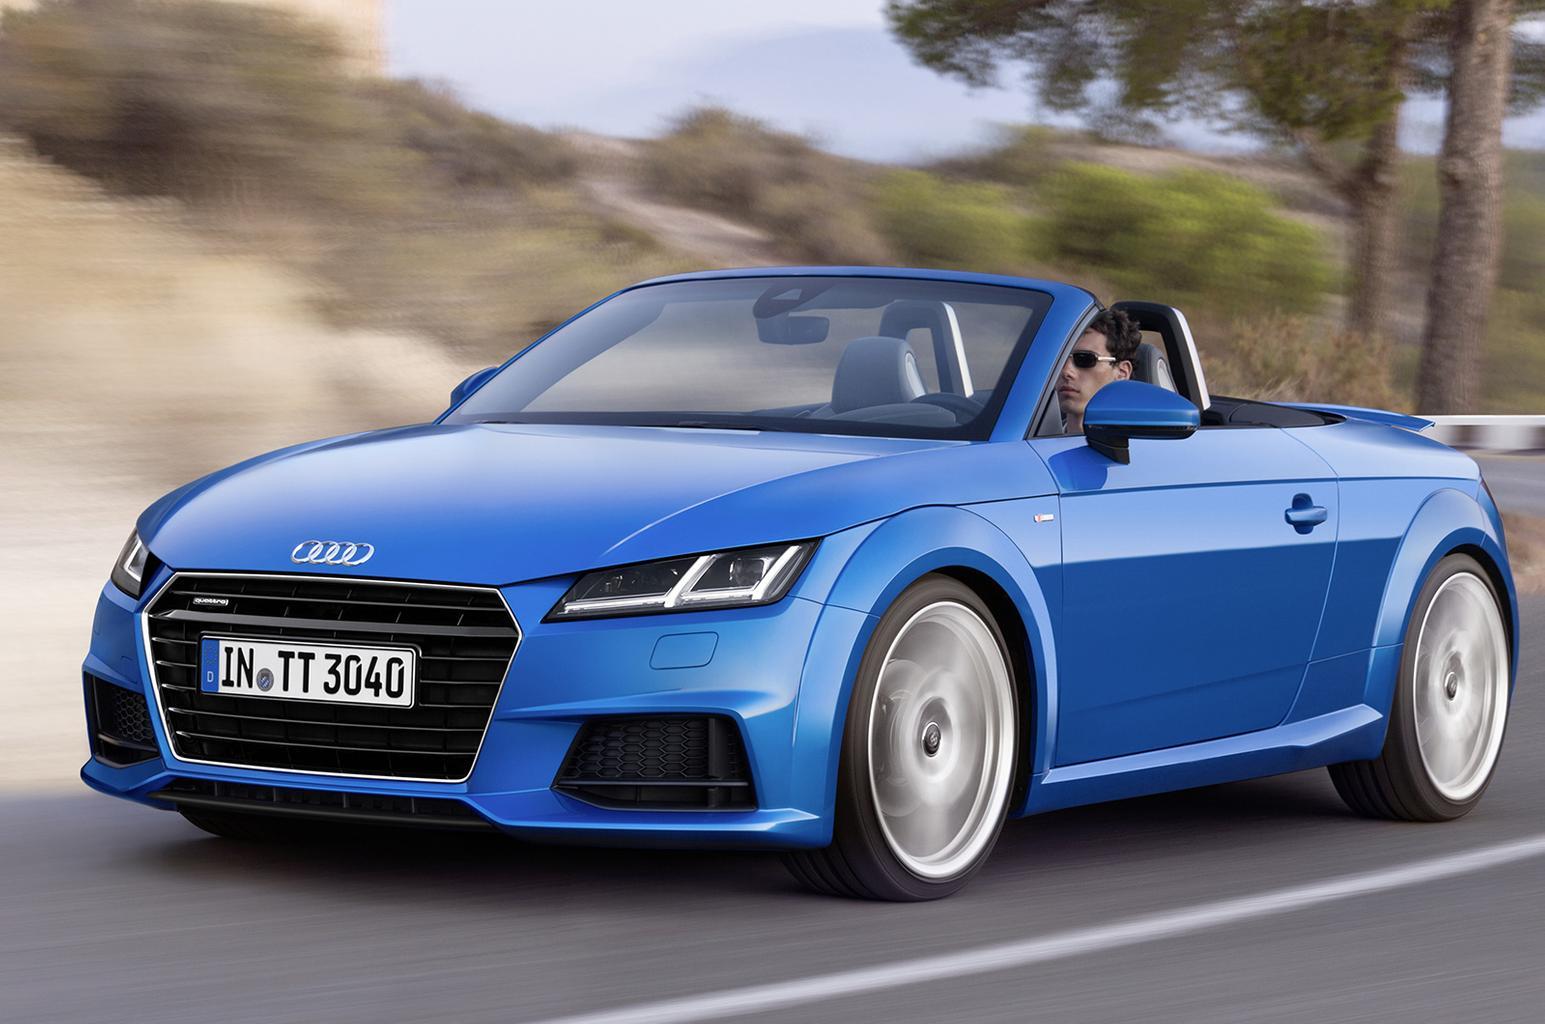 How to spec an Audi TT